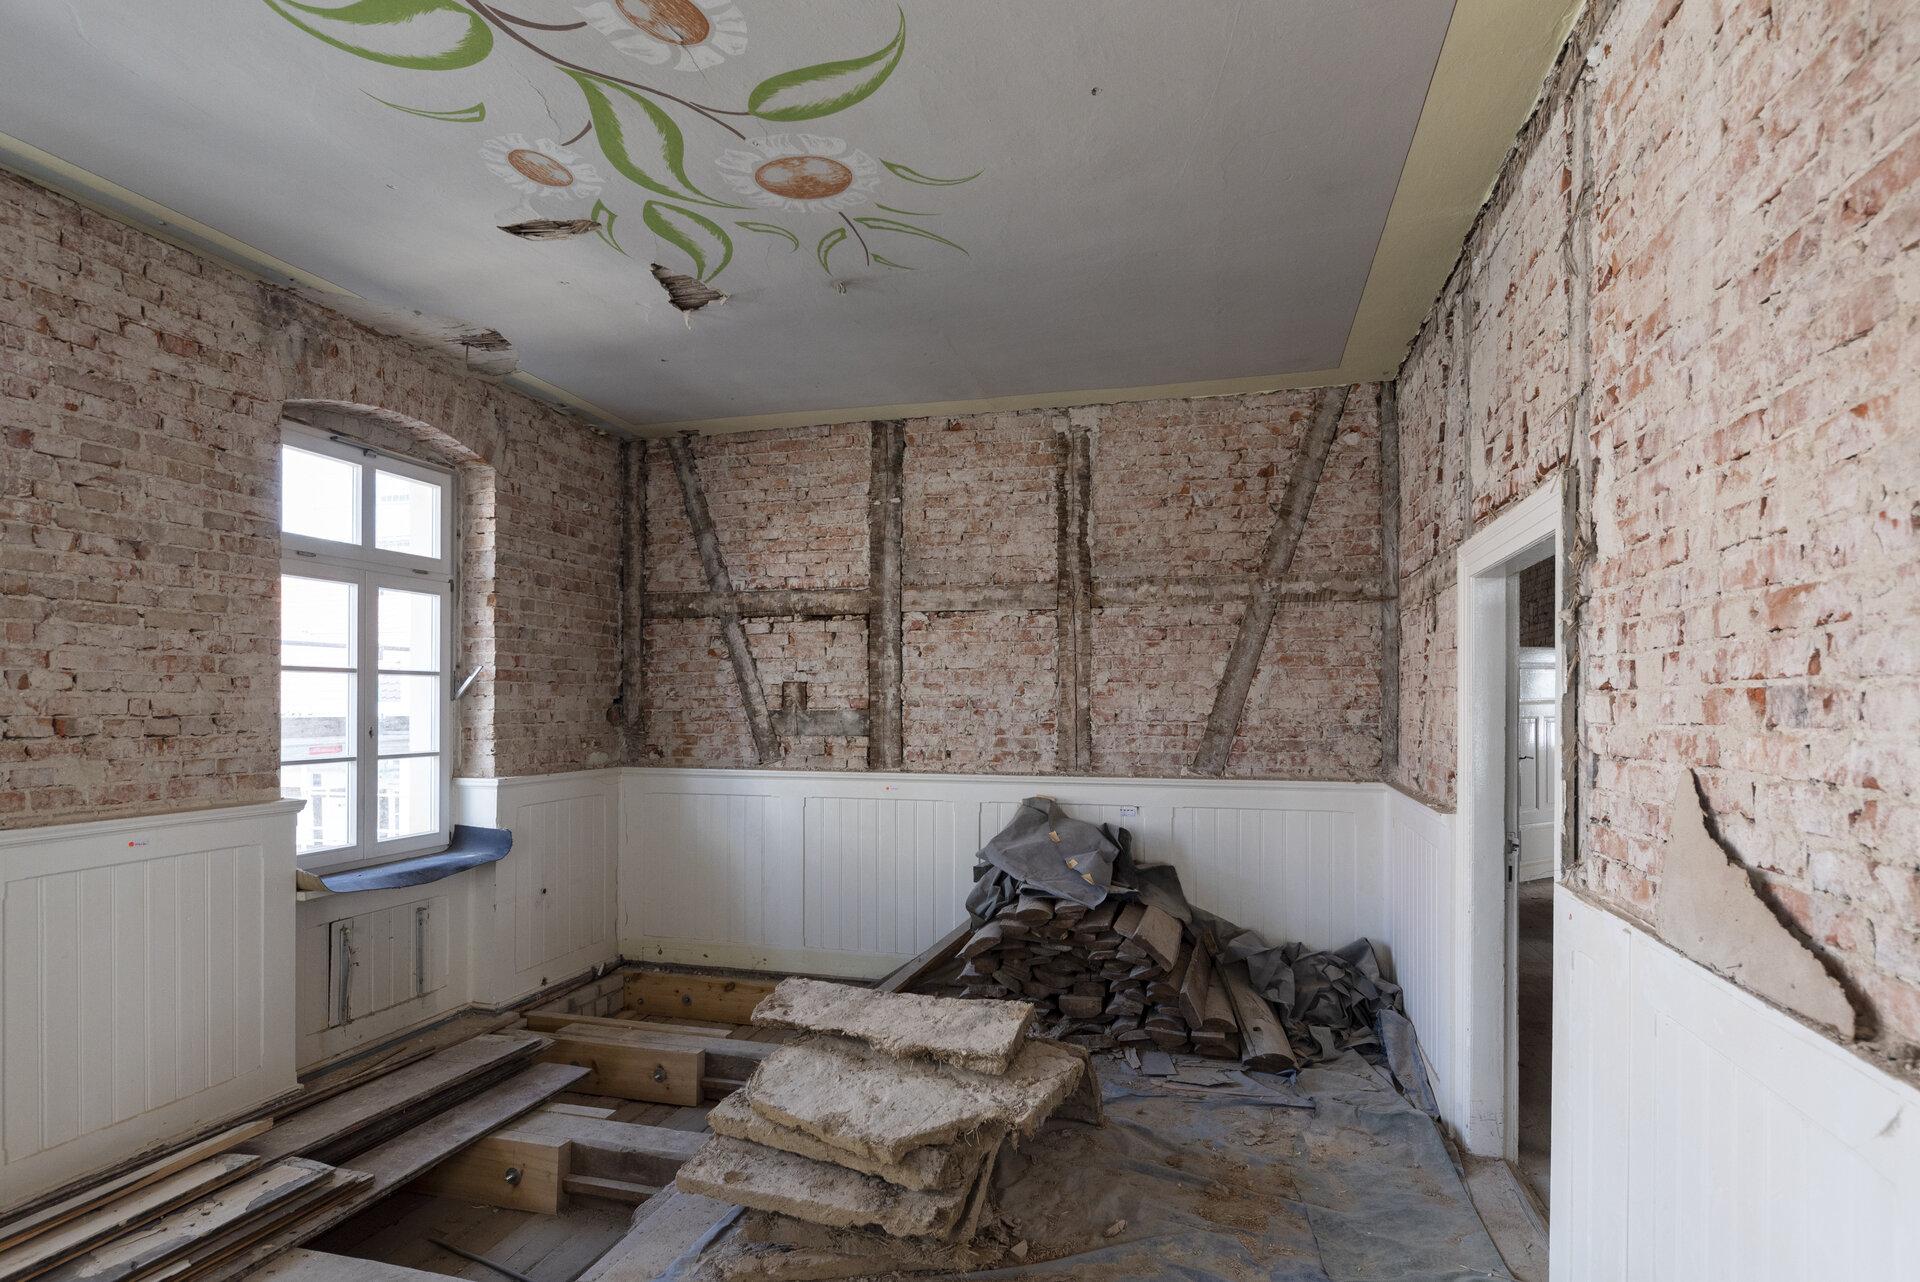 Baustelle Trauzimmer Foto: Gemeinde Wusterhausen